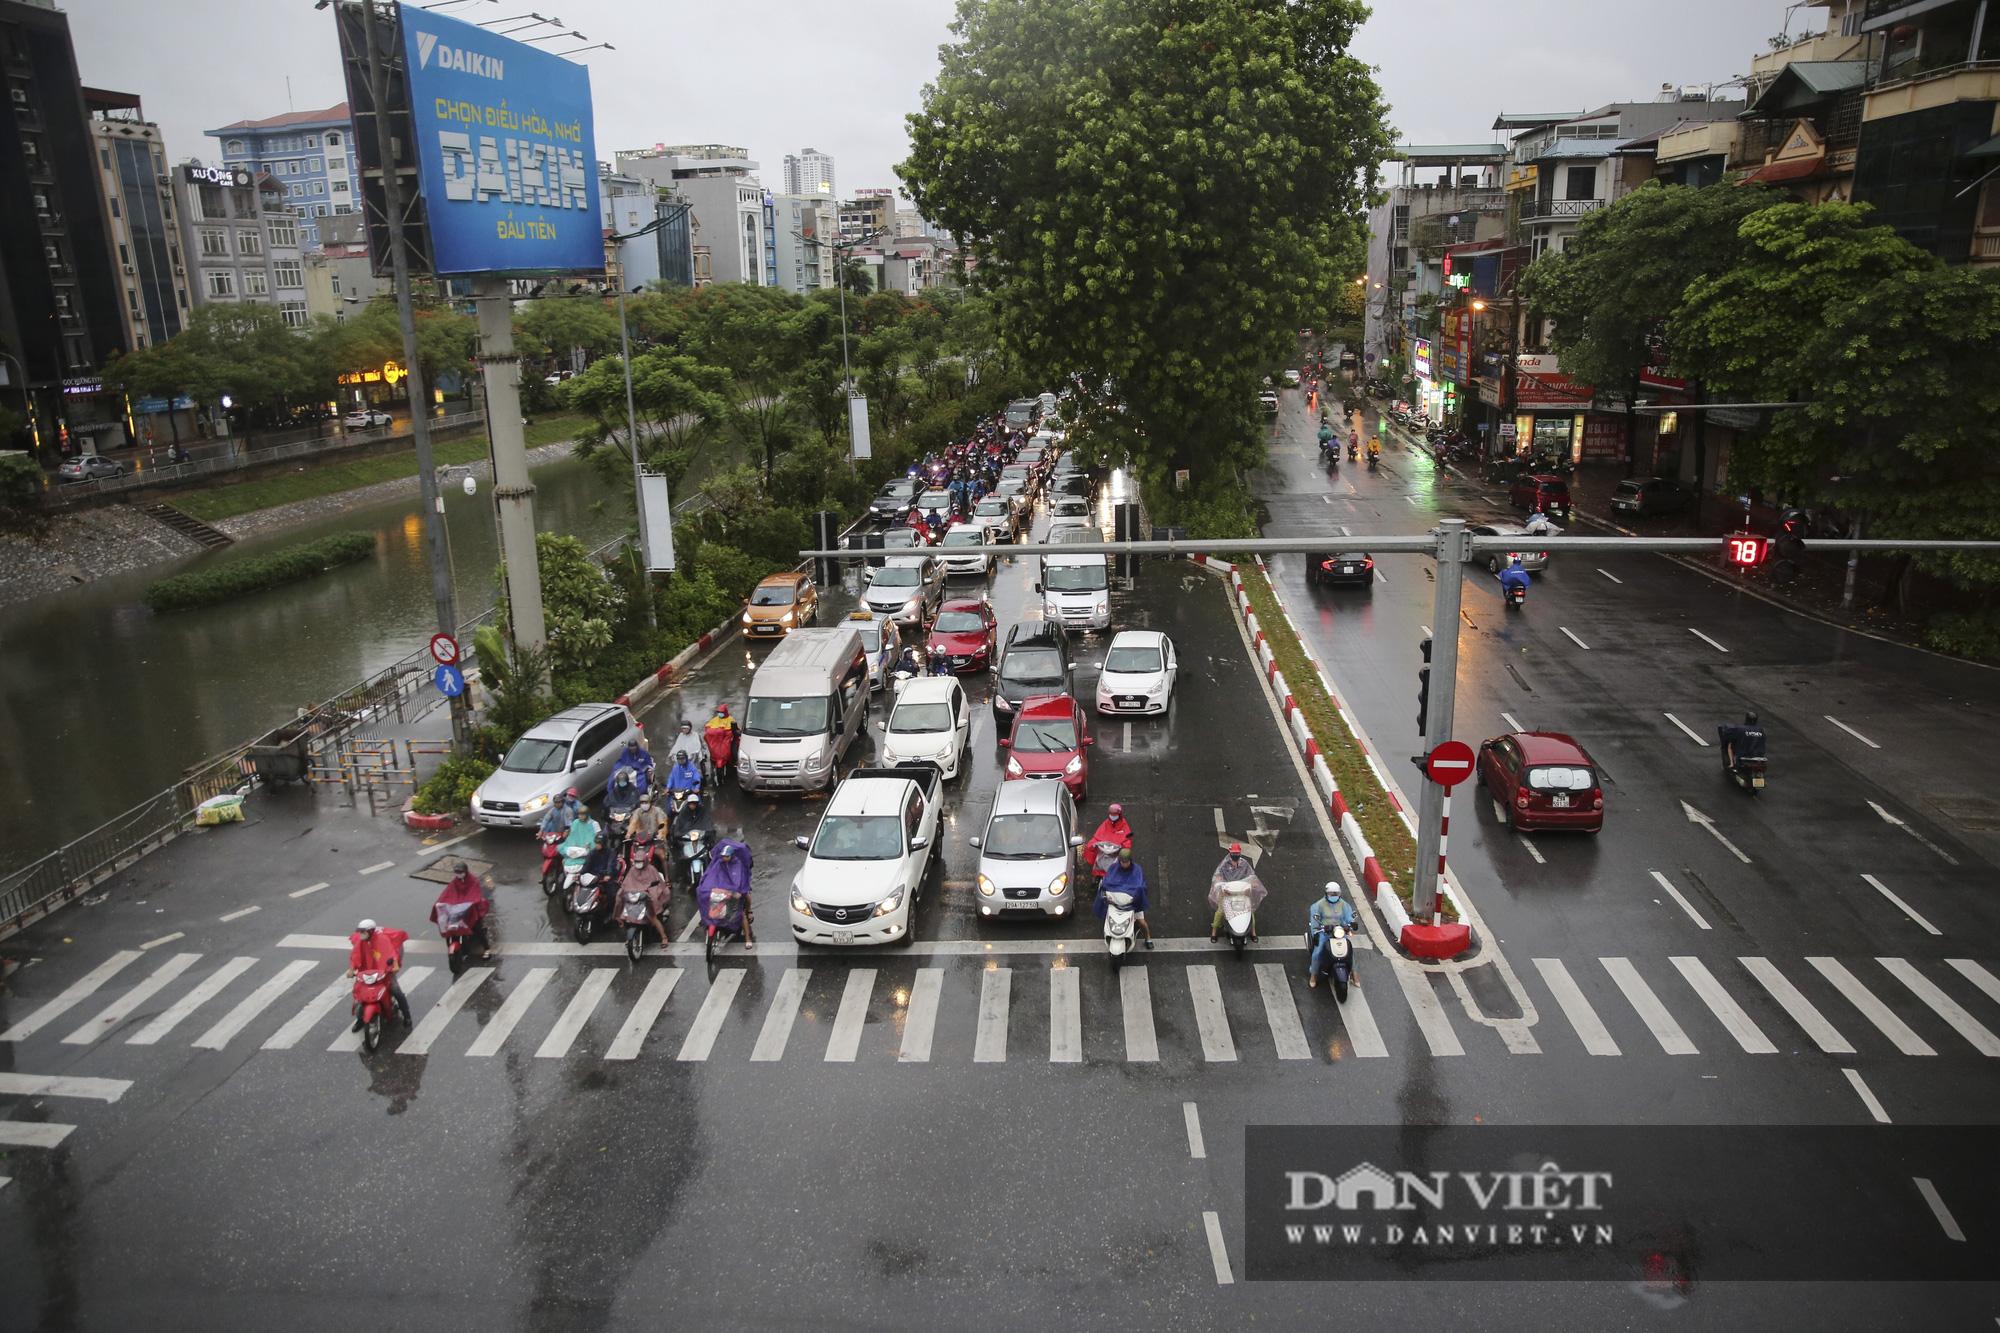 Sau bão số 2, Hà Nội mưa cả ngày khiến mực nước sông Tô Lịch bất ngờ dâng cao - Ảnh 1.